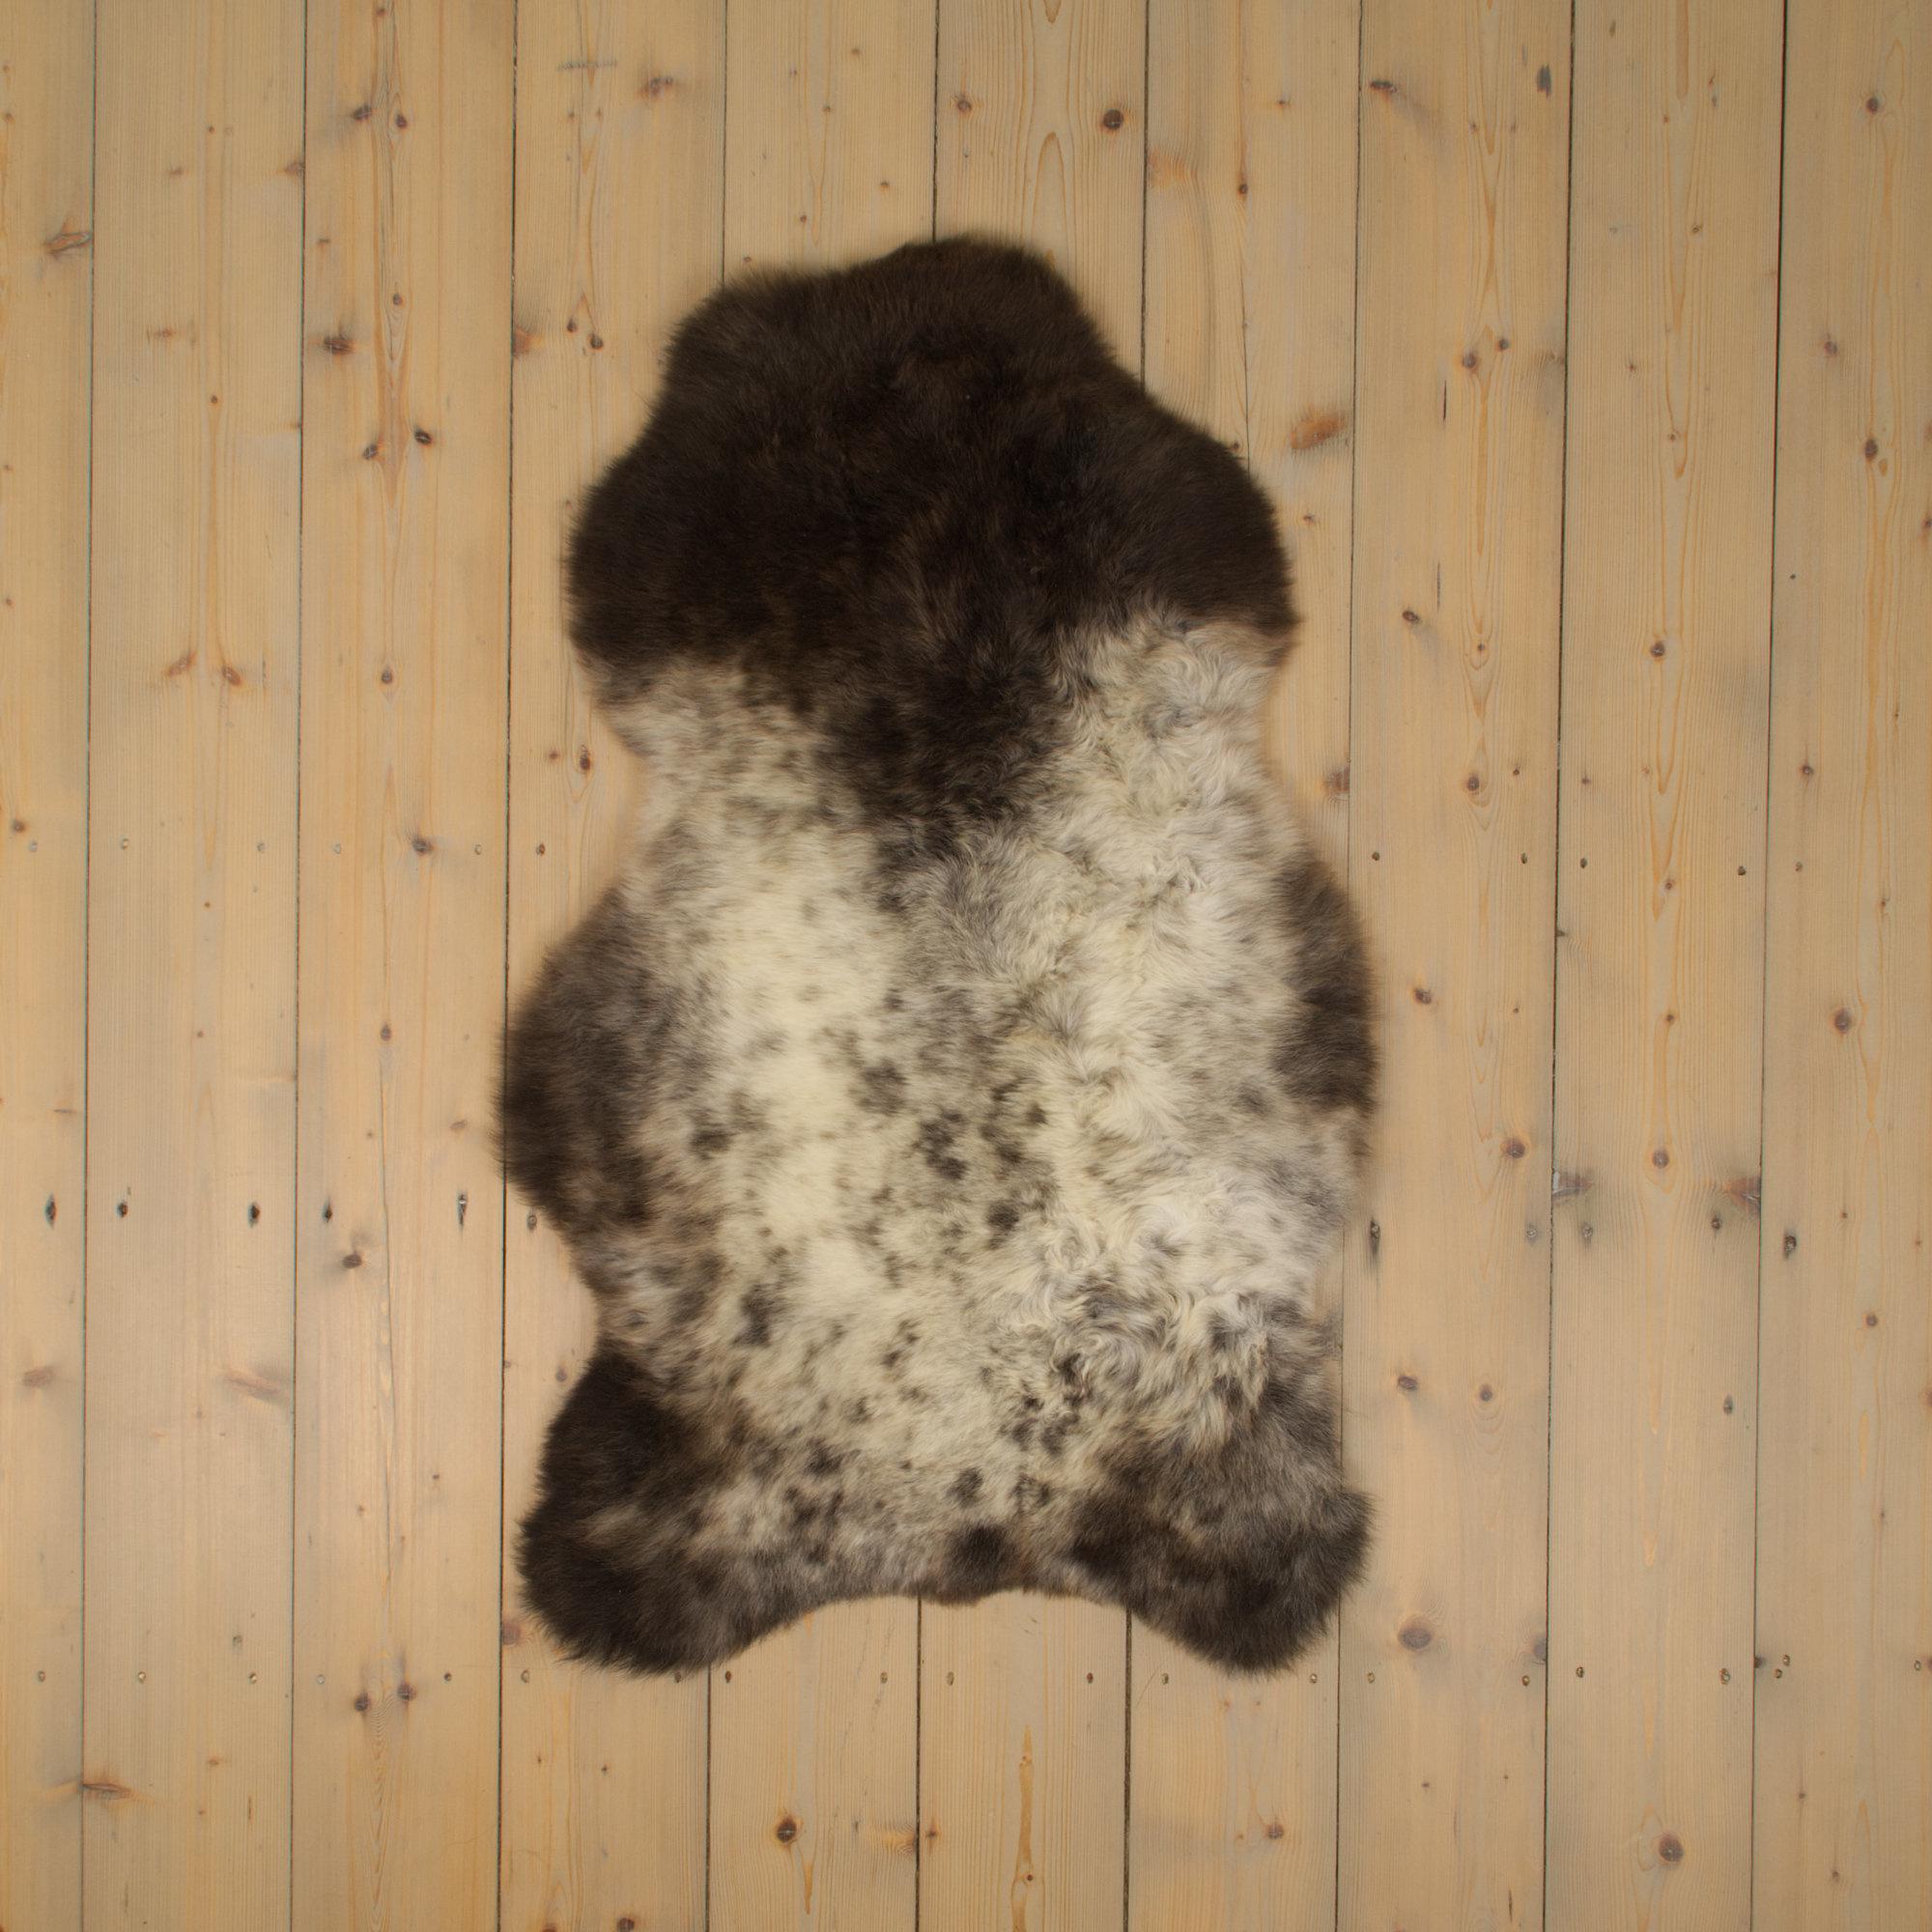 testVan Buren Texelse schapenvacht bont - uniek gefotografeerd - ca. 100x65cm - US024